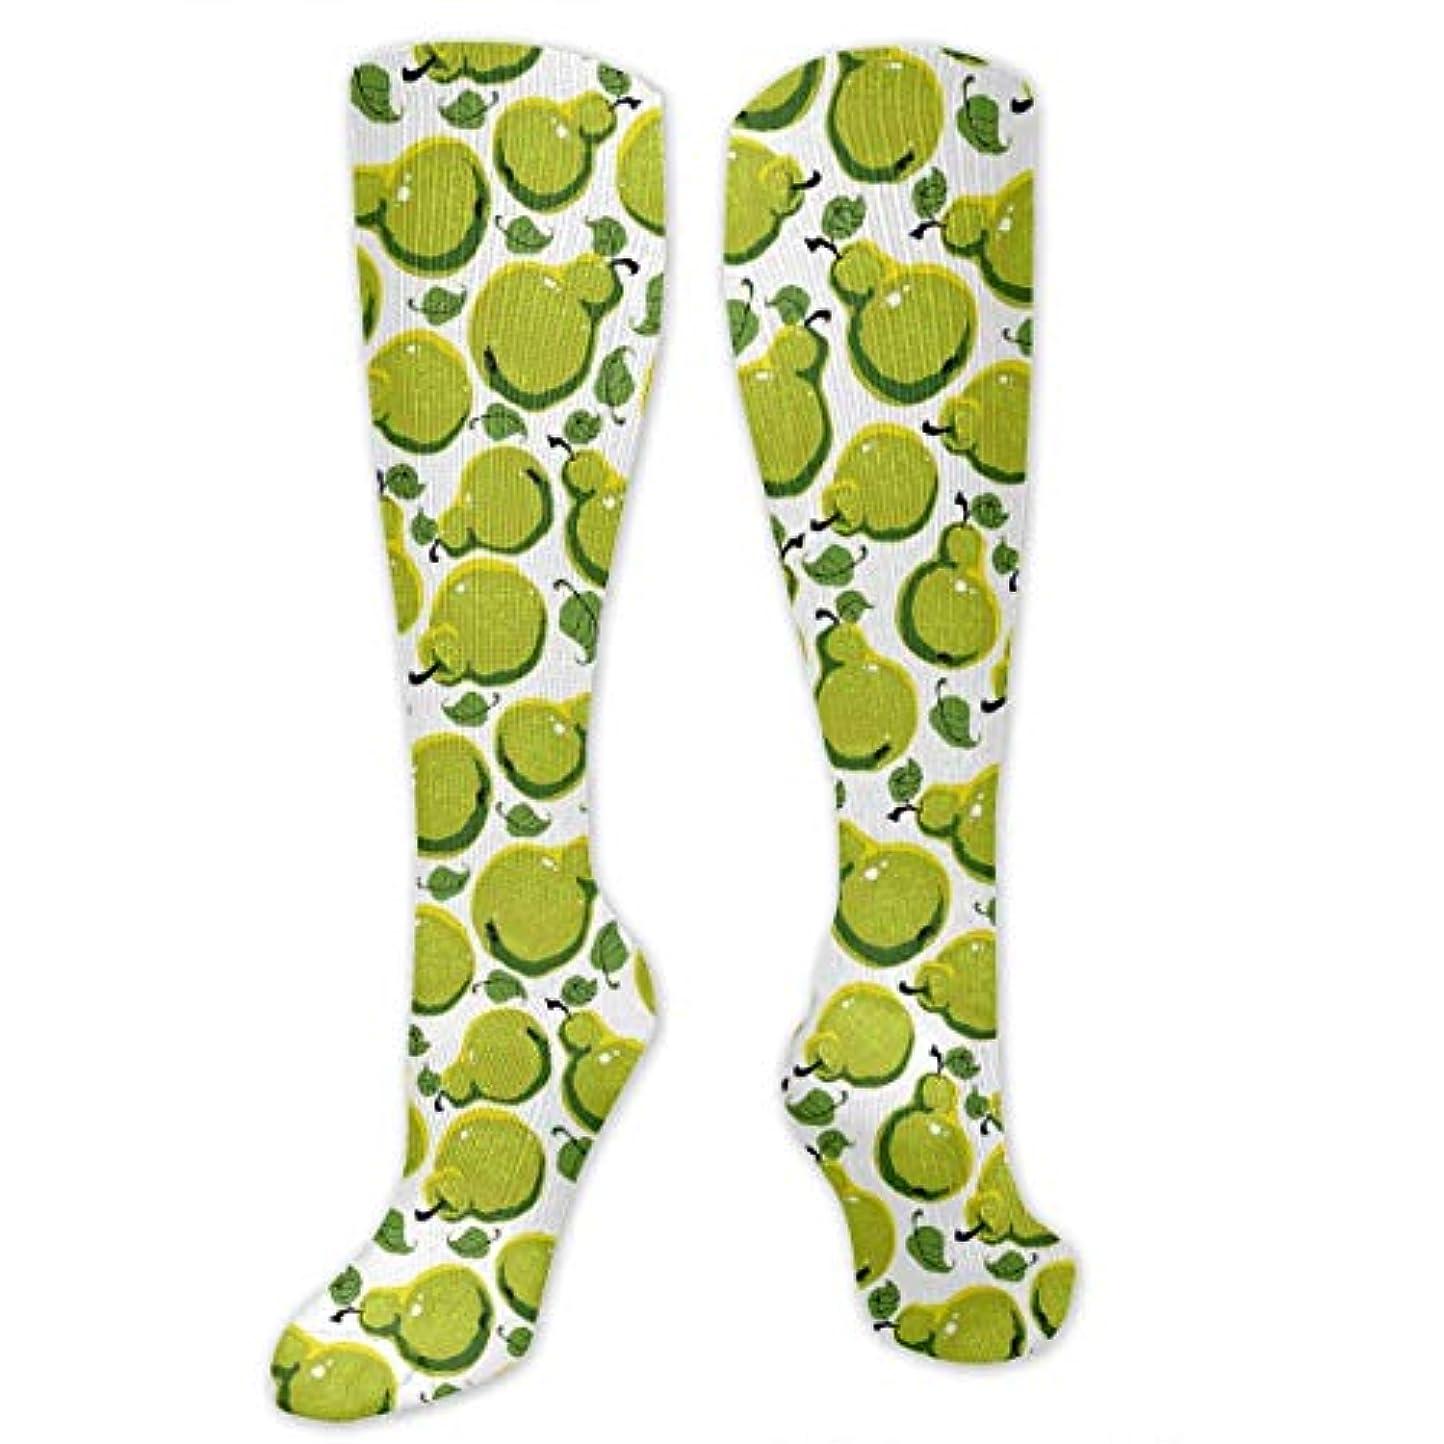 正統派限りステッチ靴下,ストッキング,野生のジョーカー,実際,秋の本質,冬必須,サマーウェア&RBXAA Green Fruit Pear Socks Women's Winter Cotton Long Tube Socks Knee...